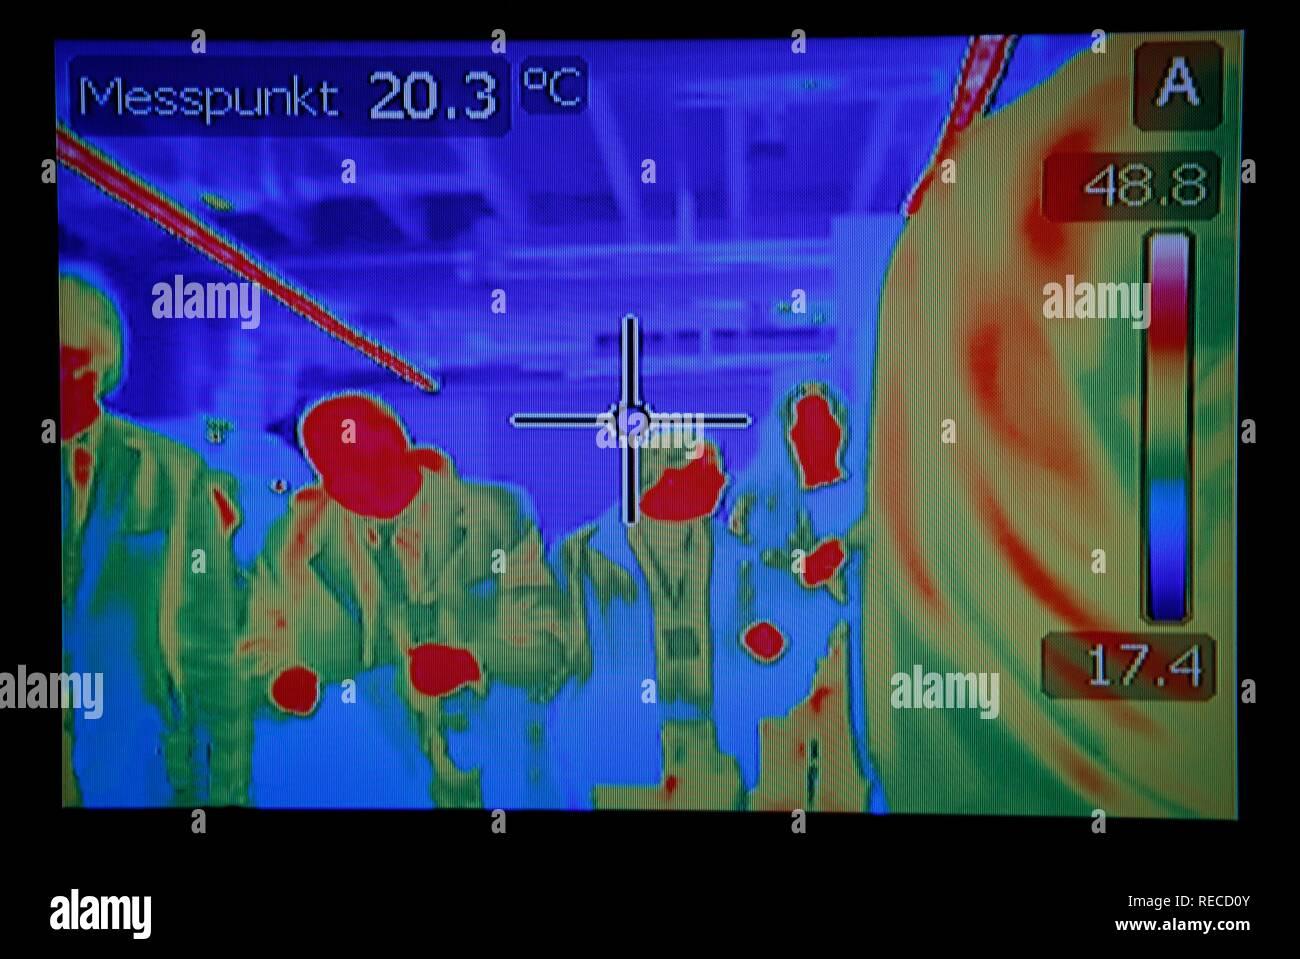 Immagine di una termocamera che misura la temperatura corporea delle persone che camminano passato Immagini Stock